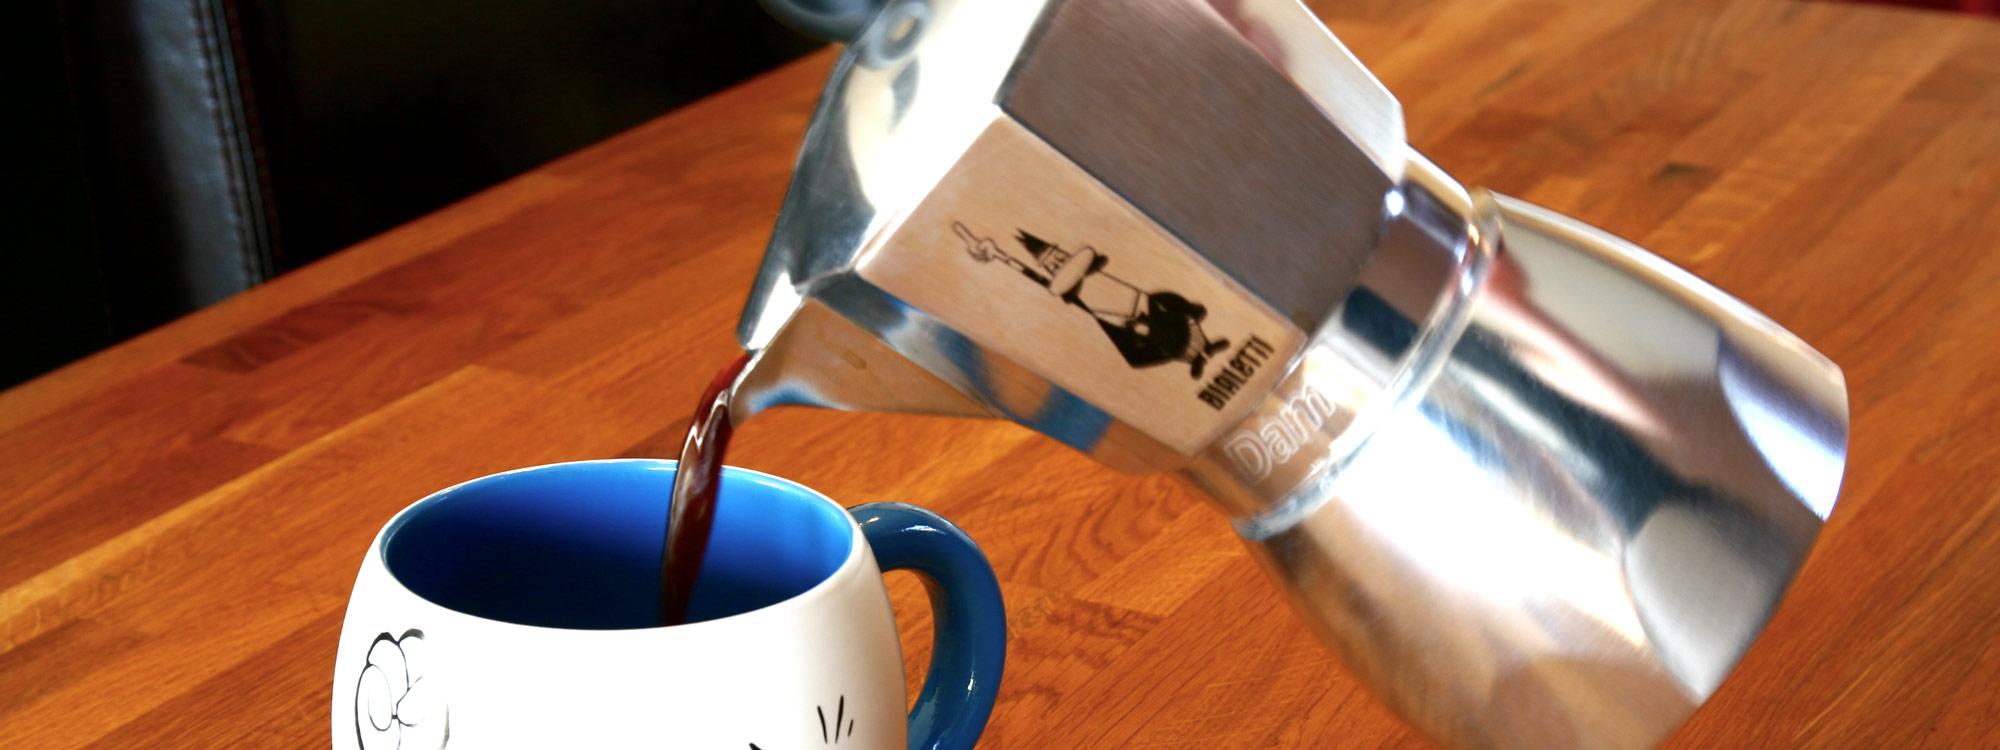 Brewing Methods: The Moka Pot